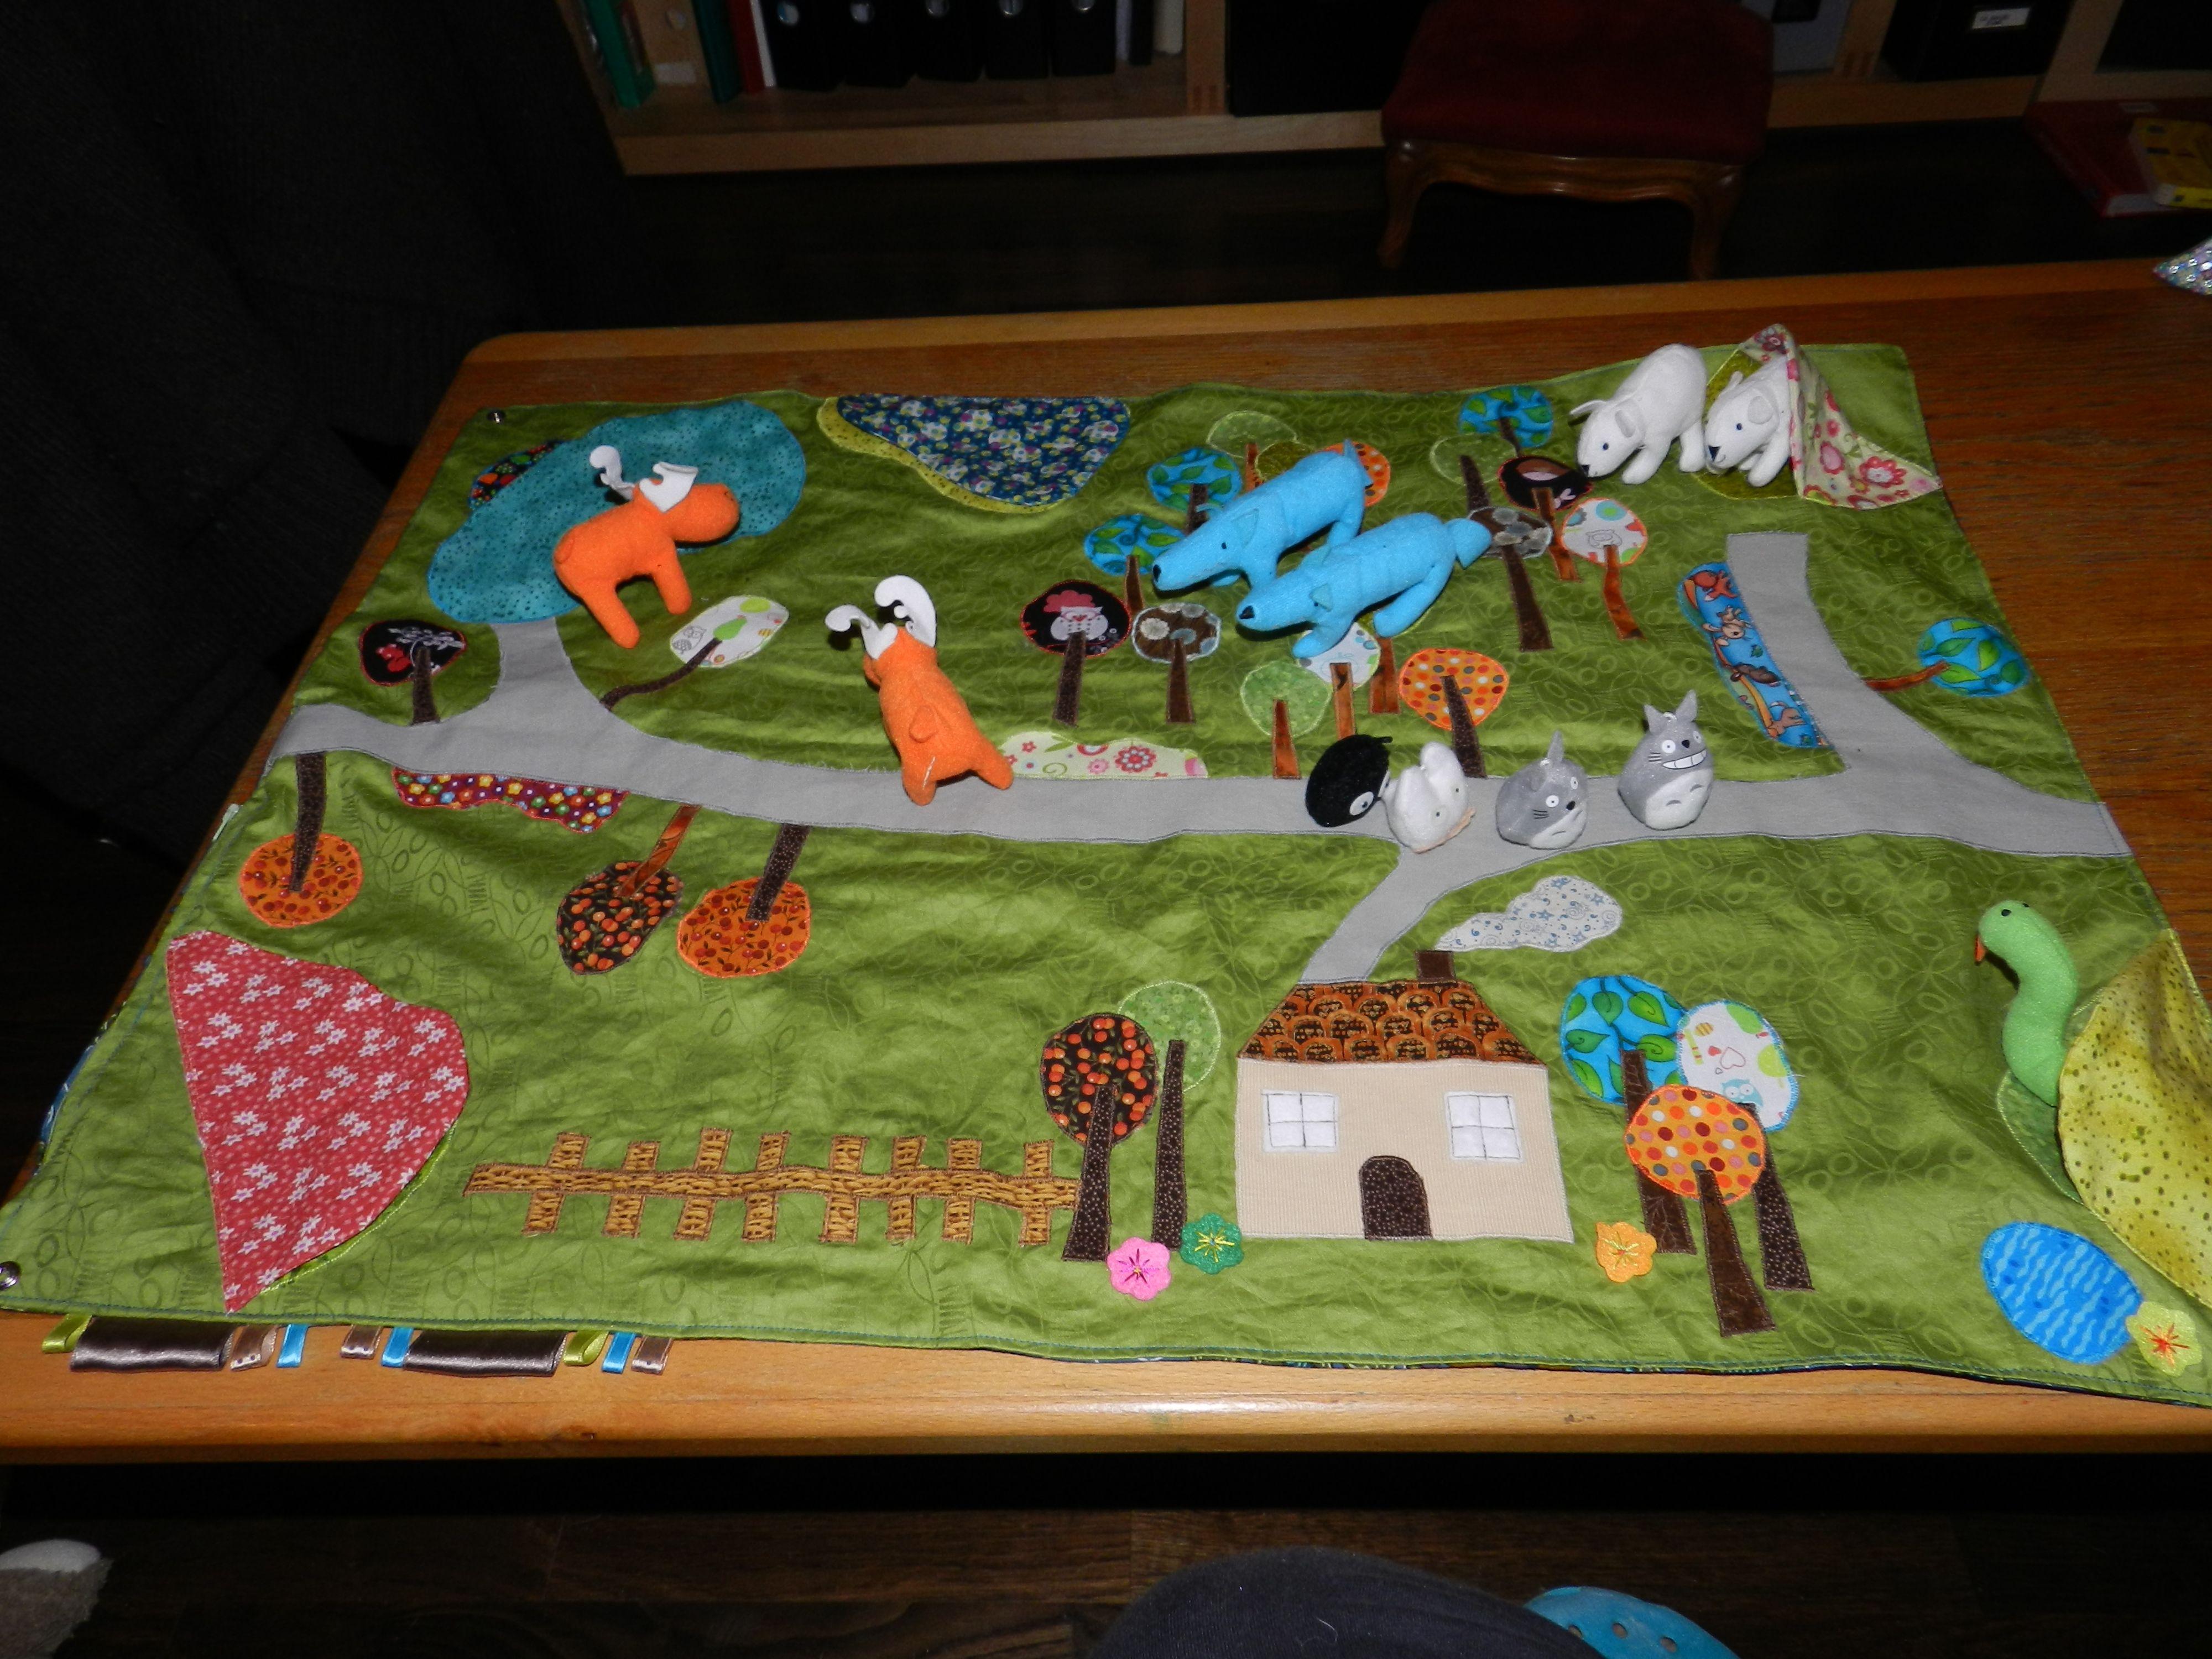 tapis jeu nomade pour grumeau cr as persos en 2018 pinterest tapis tapis de jeu enfant et jeu. Black Bedroom Furniture Sets. Home Design Ideas